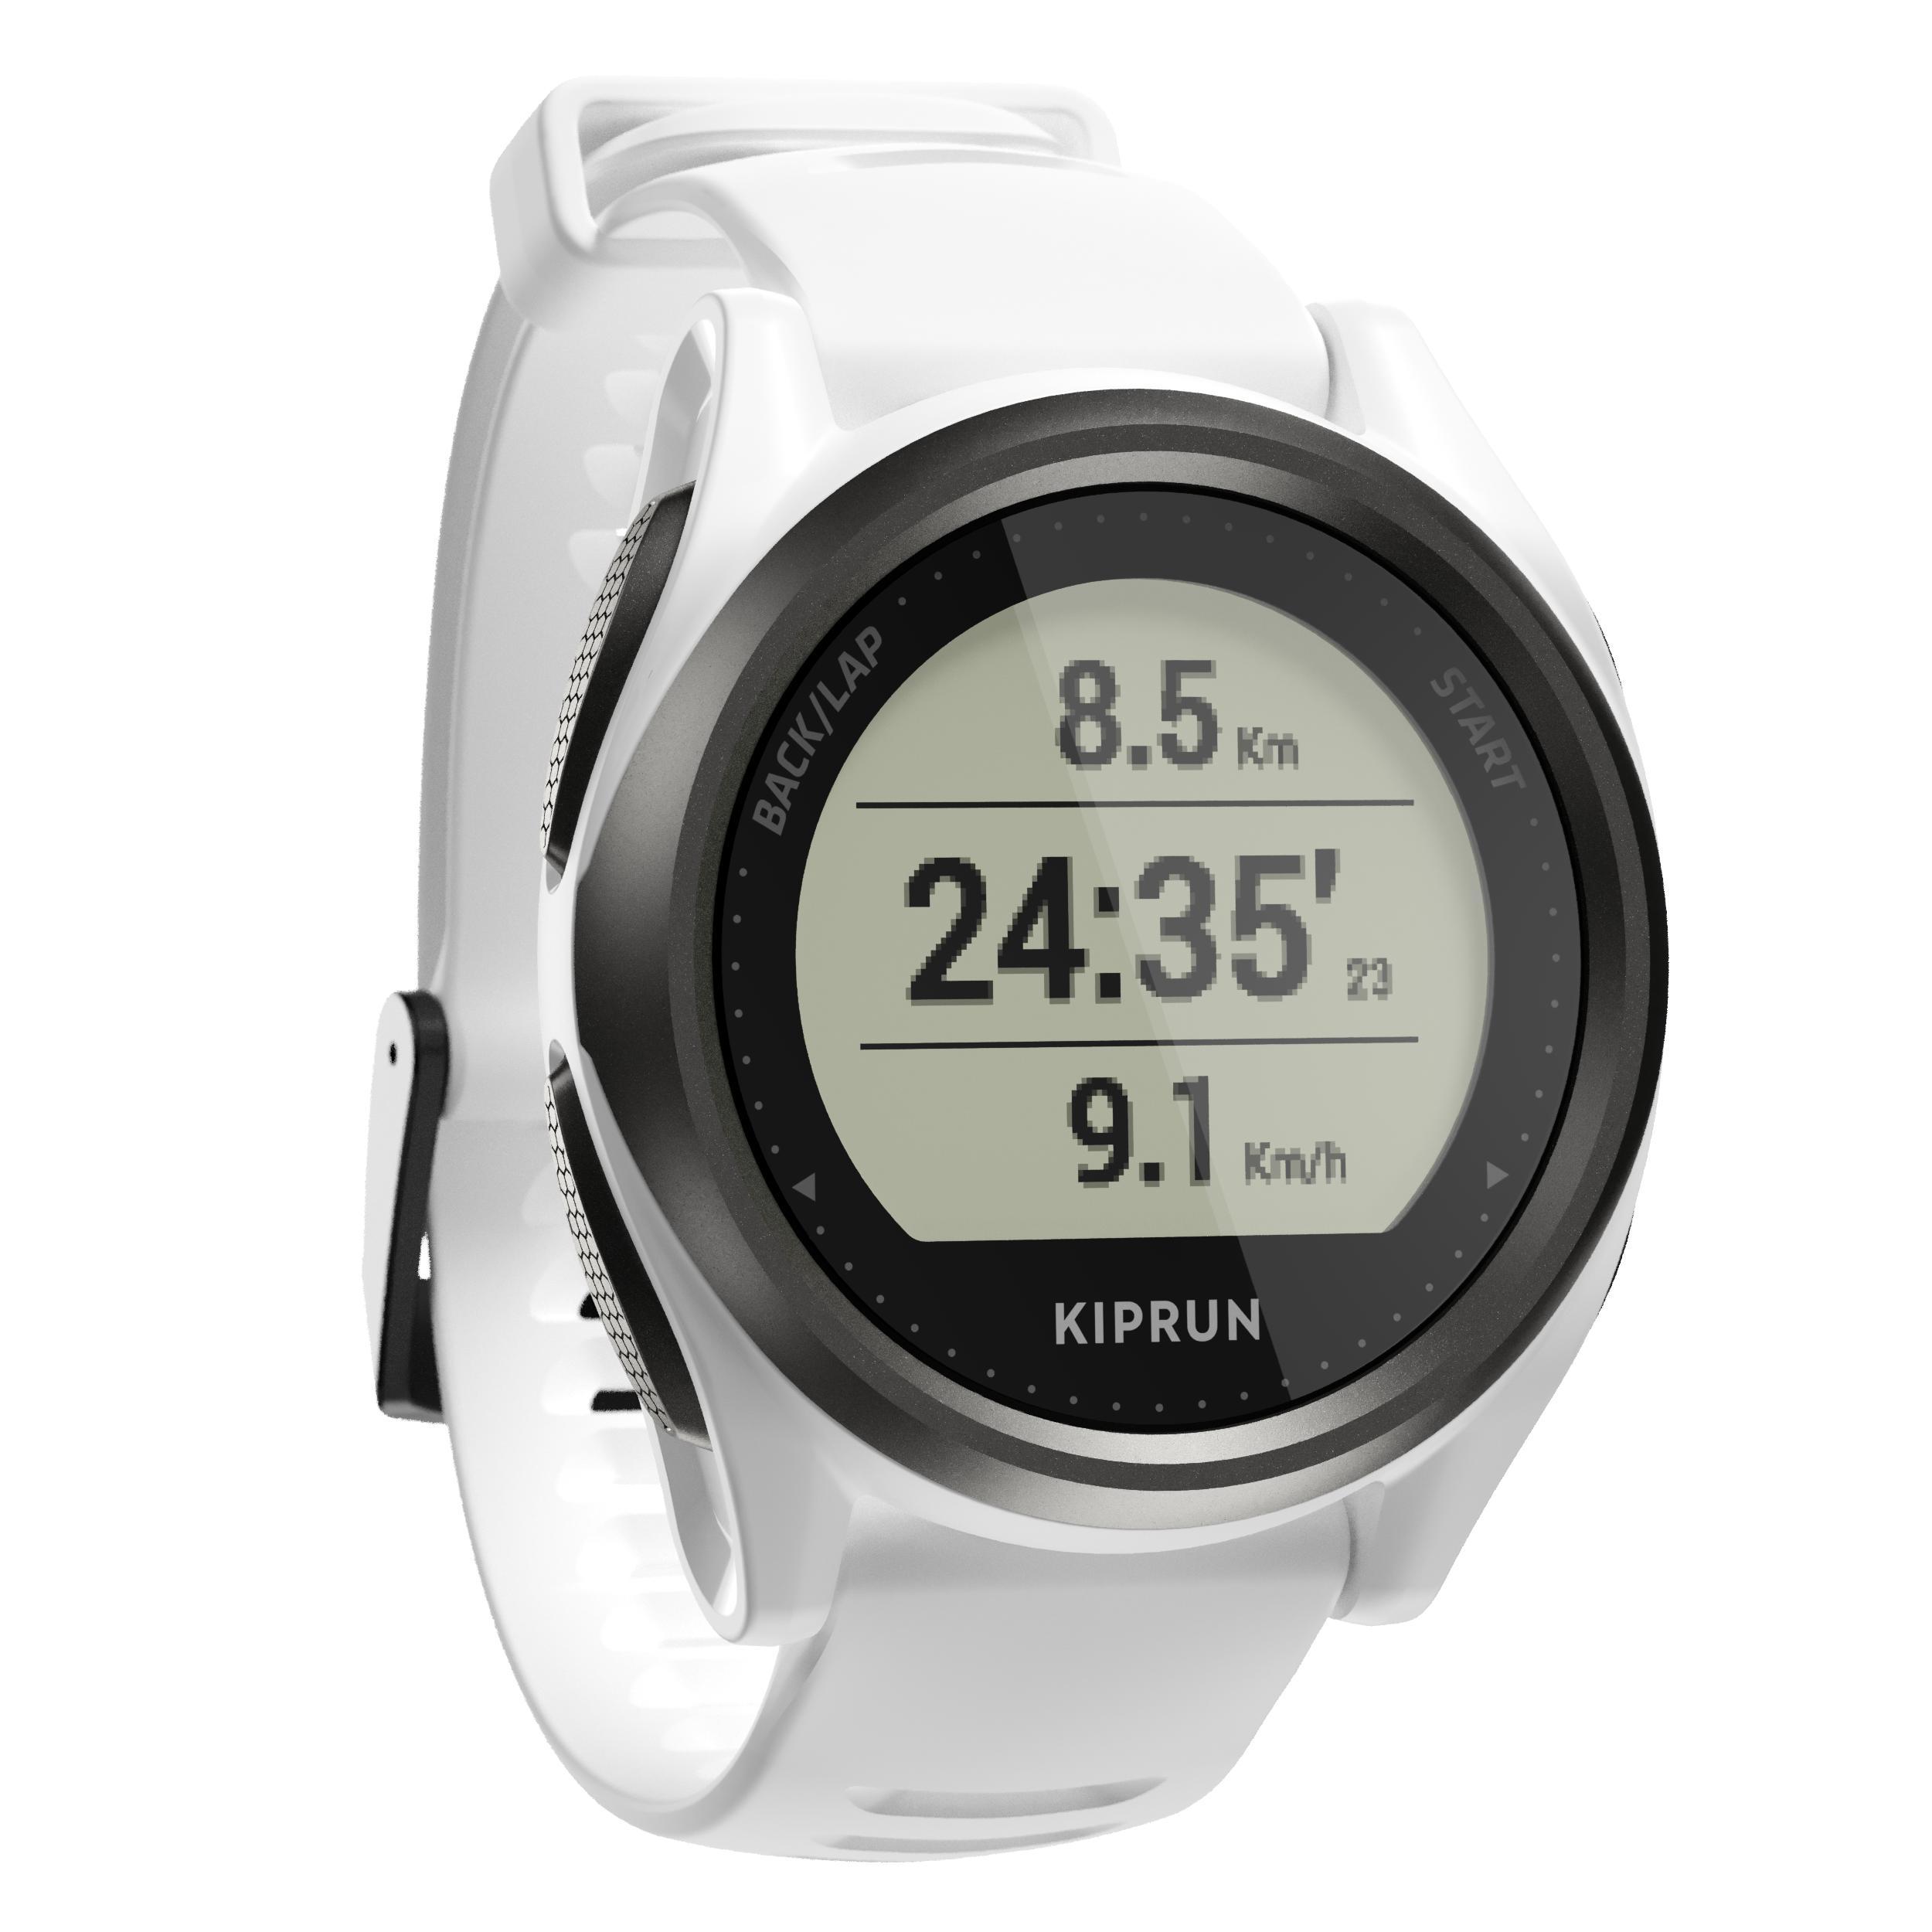 GPS-Pulsuhr Messung am Handgelenk Kiprun Running 550 weiß